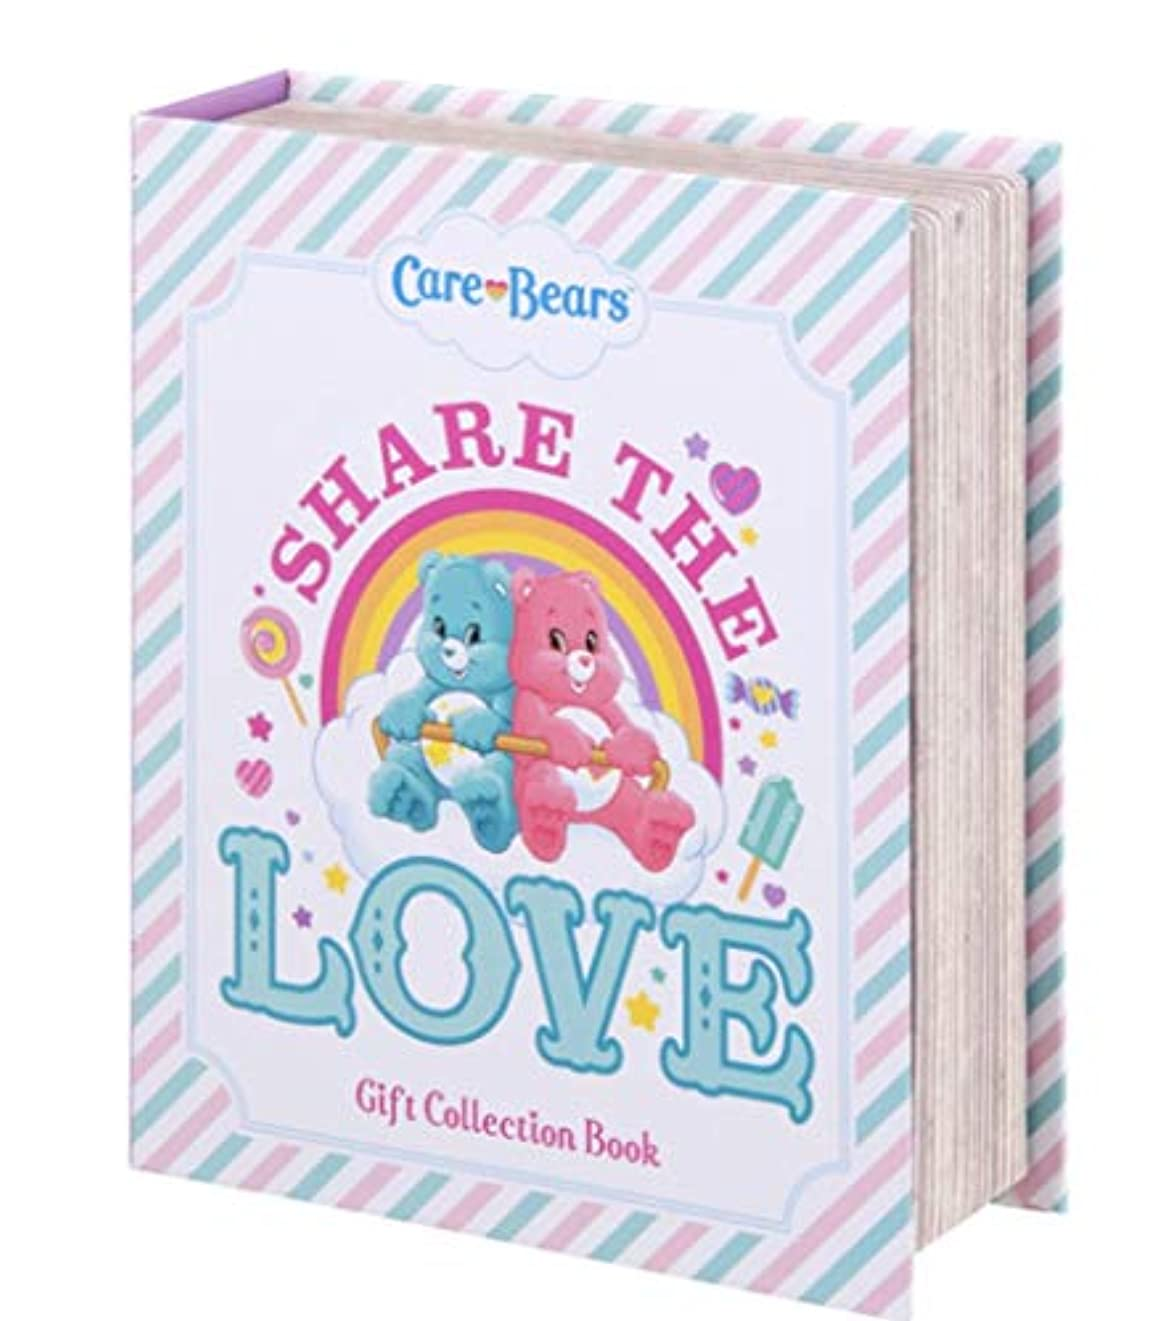 宣言半球伝記ケアベア Care Bears ボディケア ギフトコレクションブック Gift Collection Book Body Care Coffret